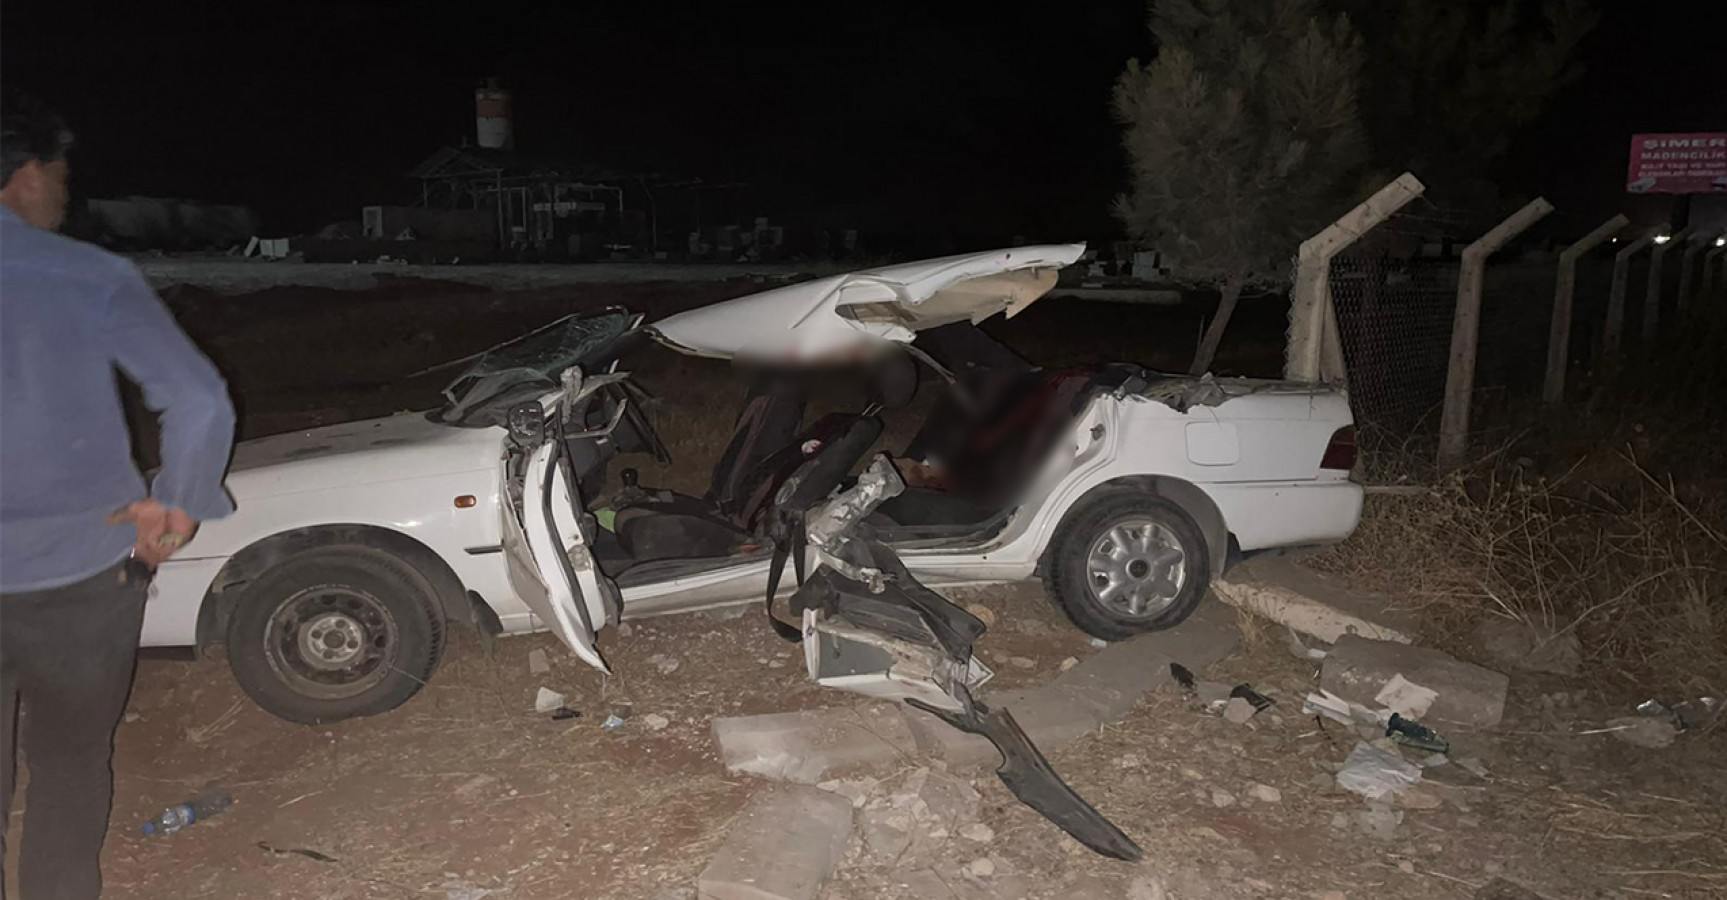 Şanlıurfa'da iş makinesiyle otomobil çarpıştı: 2 ölü, 6 yaralı